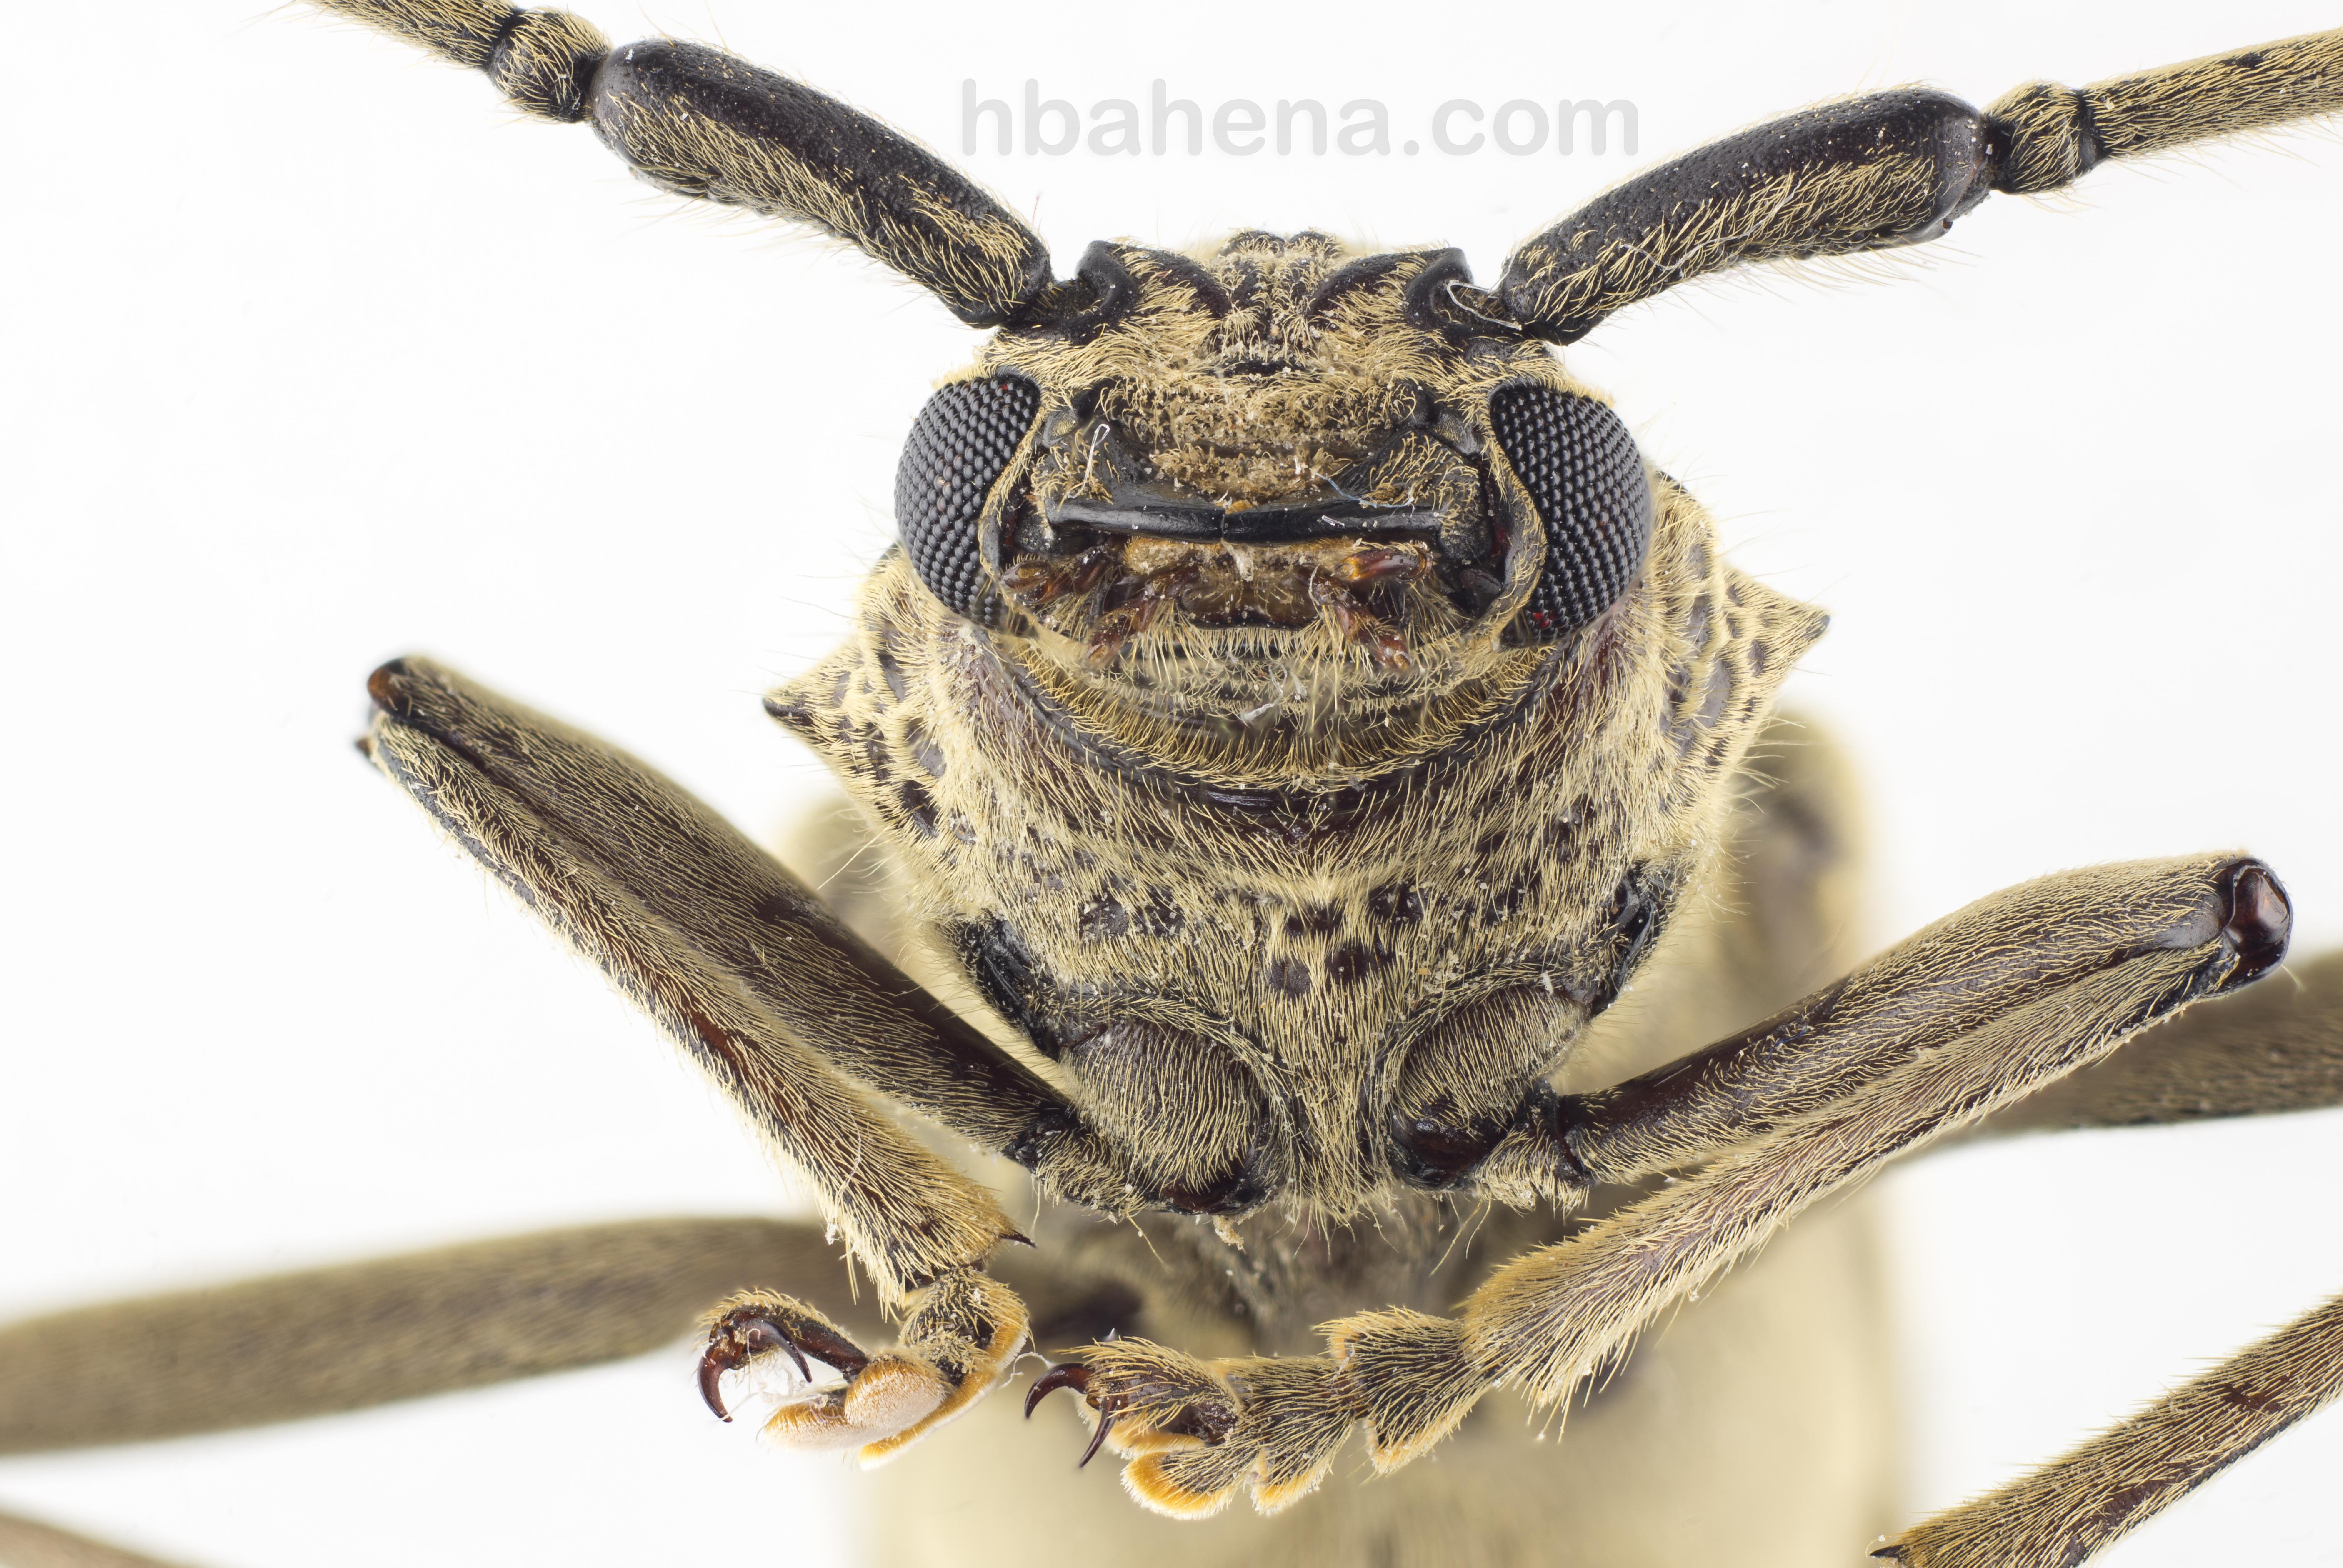 Escarabajo frente ventral